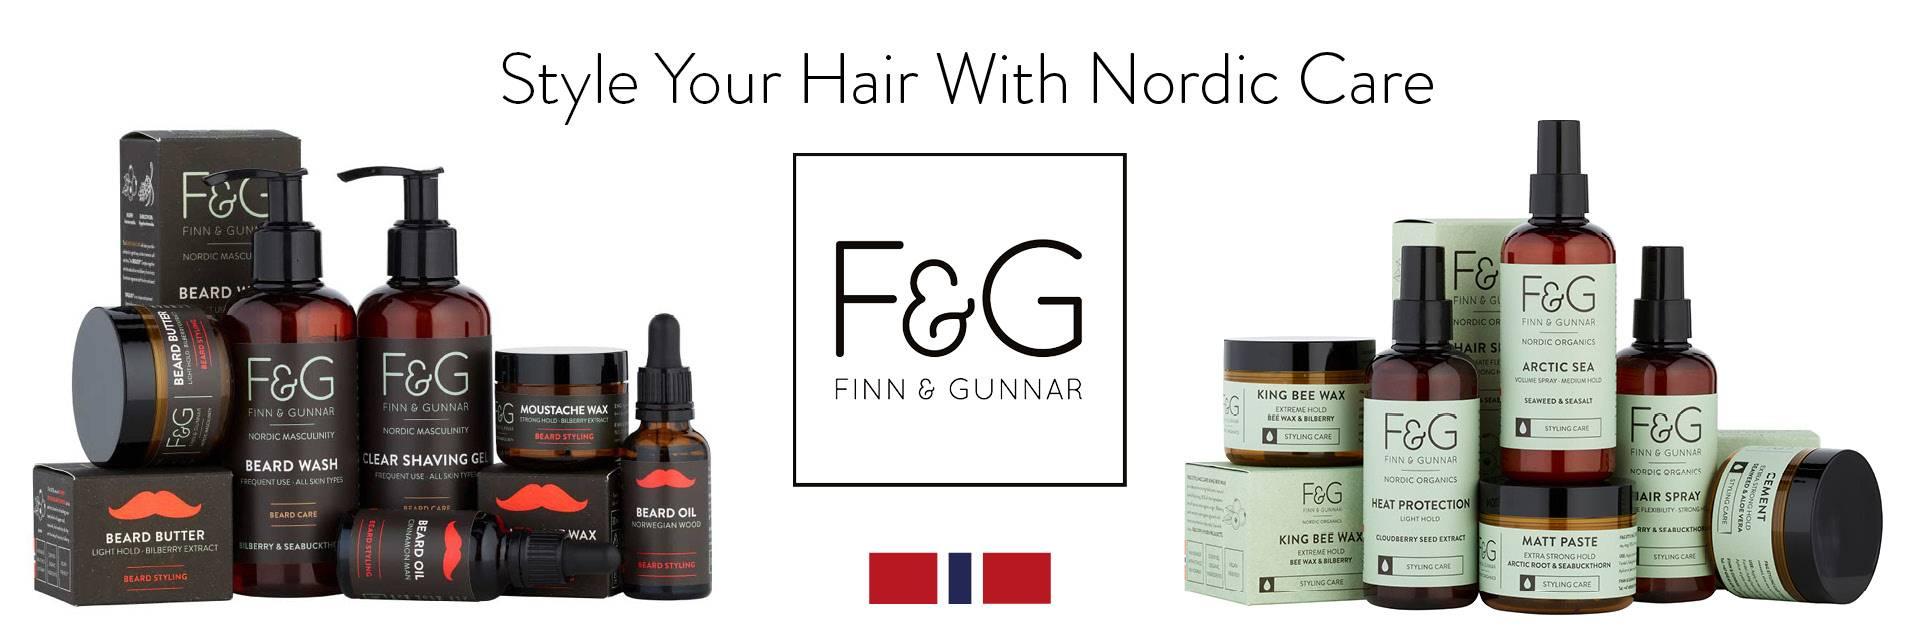 Finn & Gunnar Nordic Hair Care